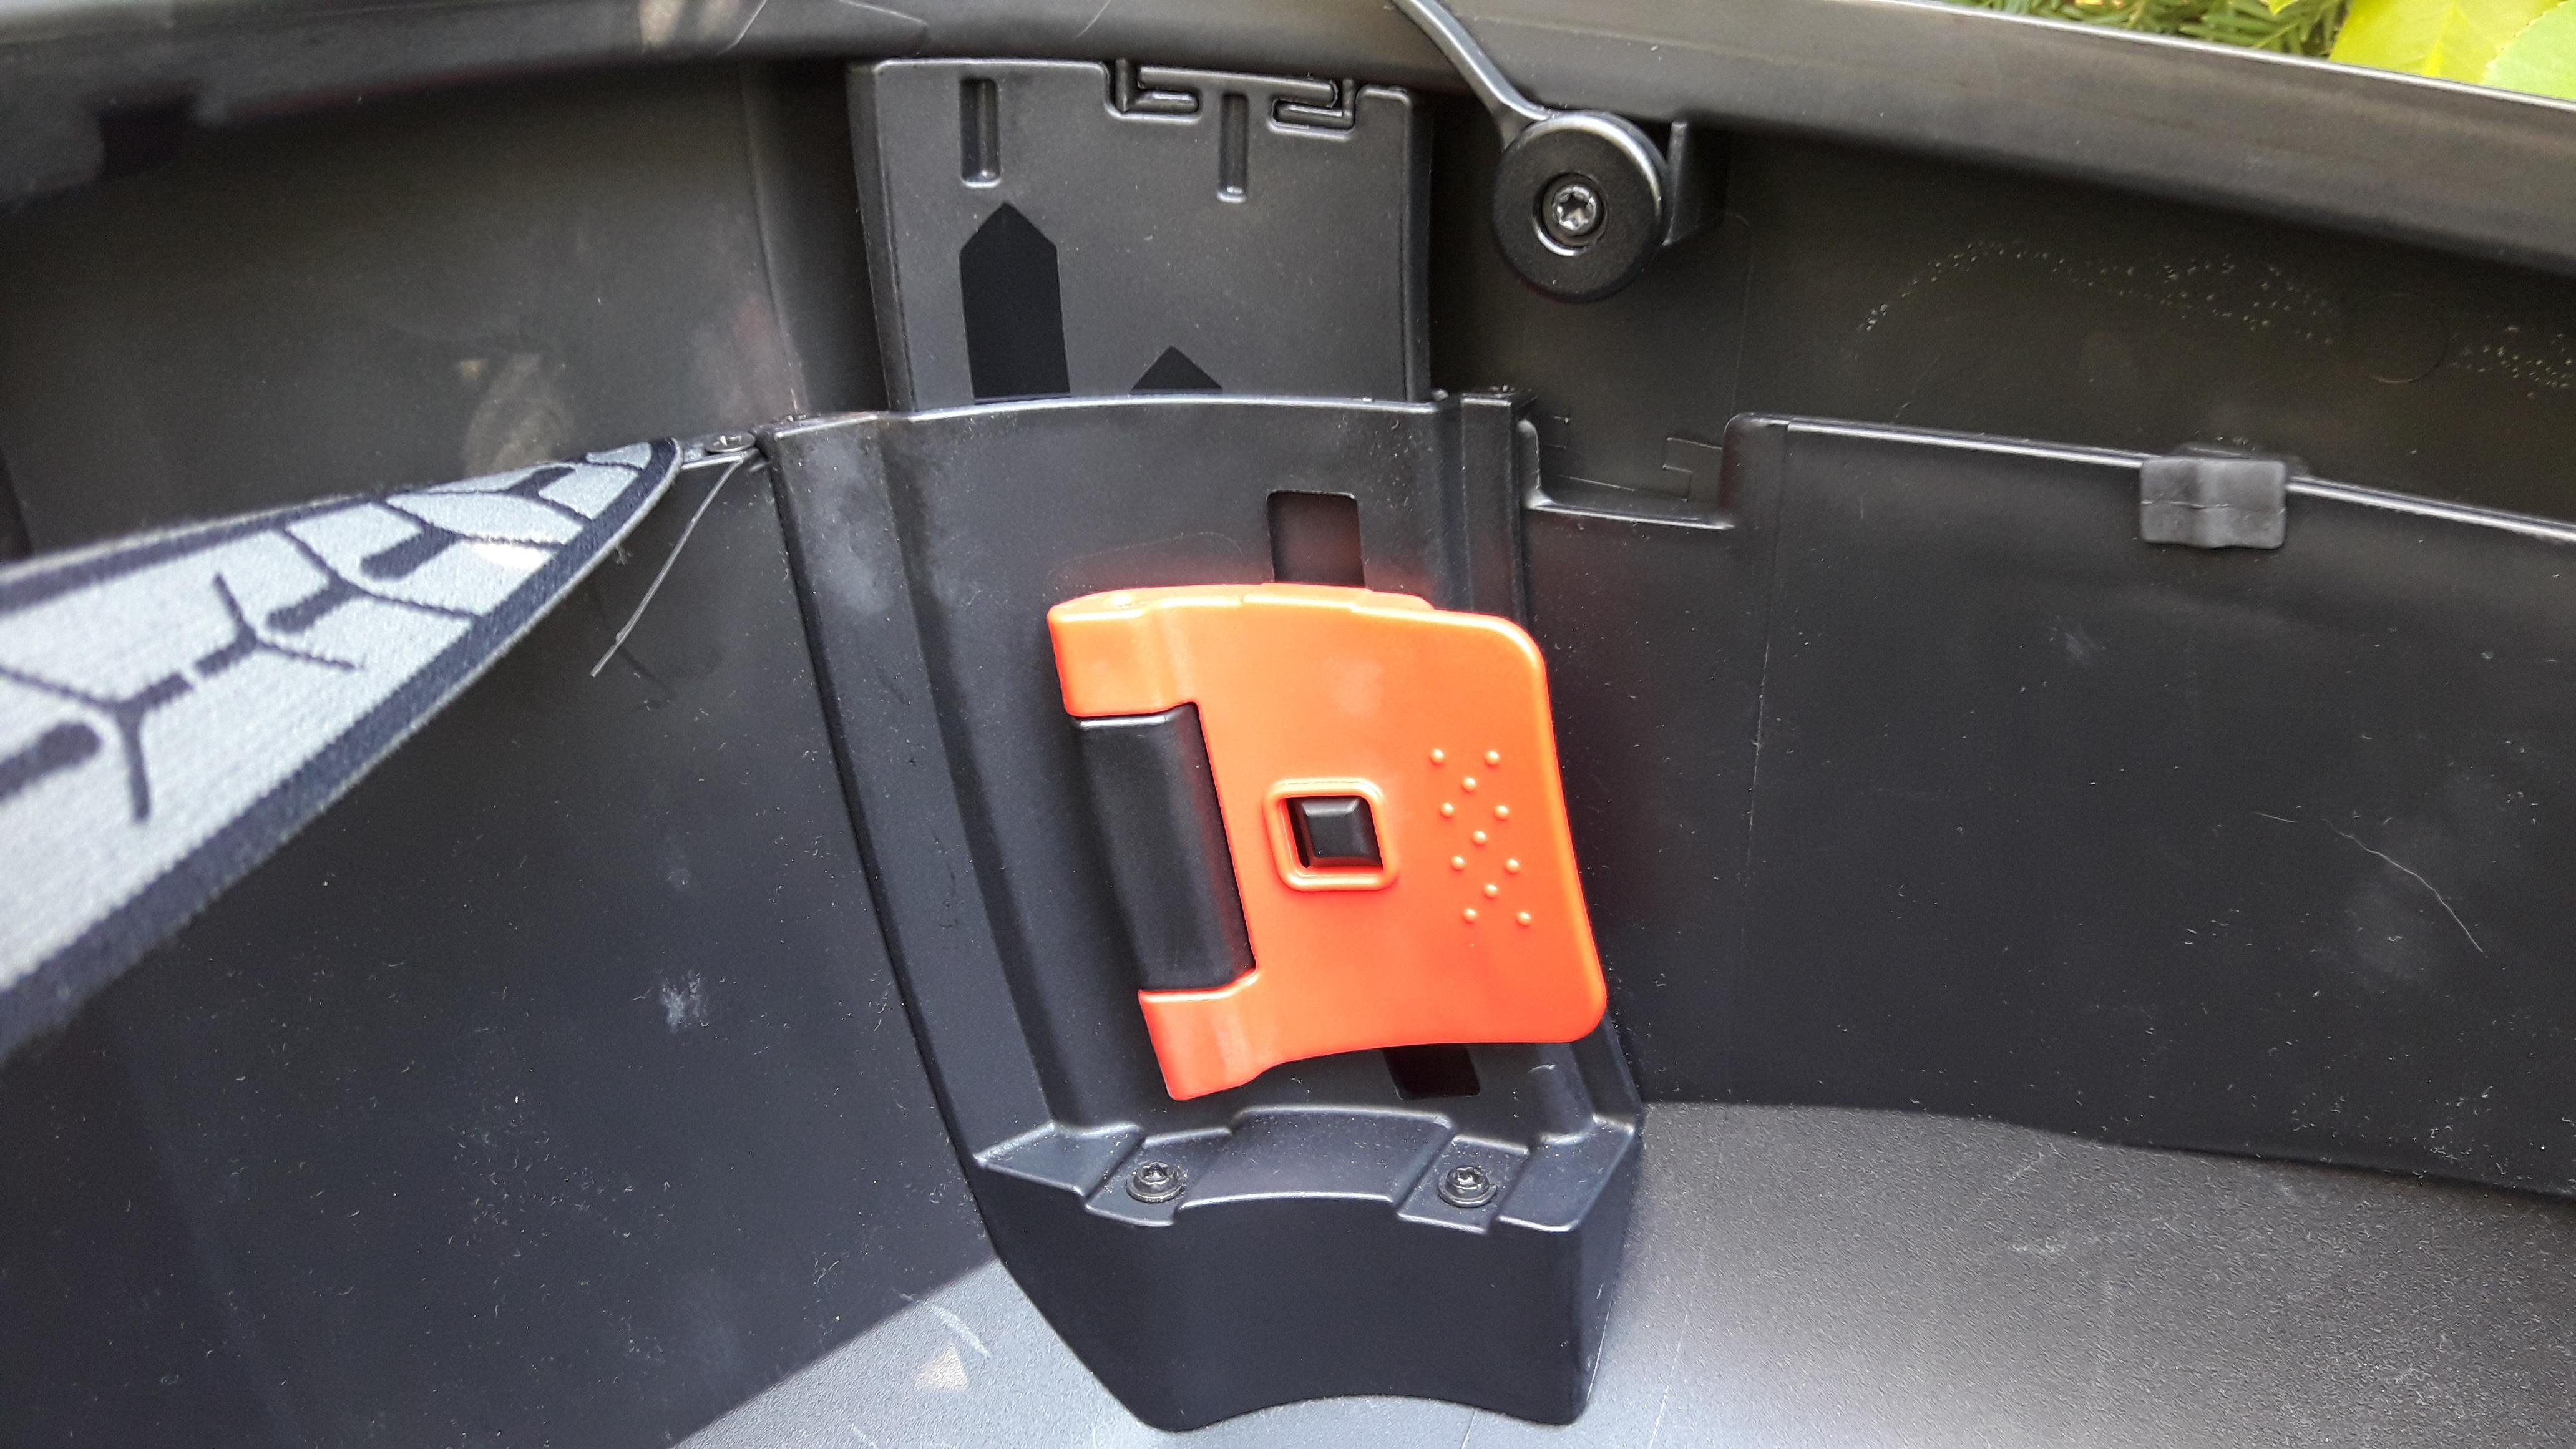 Loquet en position XL du top case Shad SH 58X